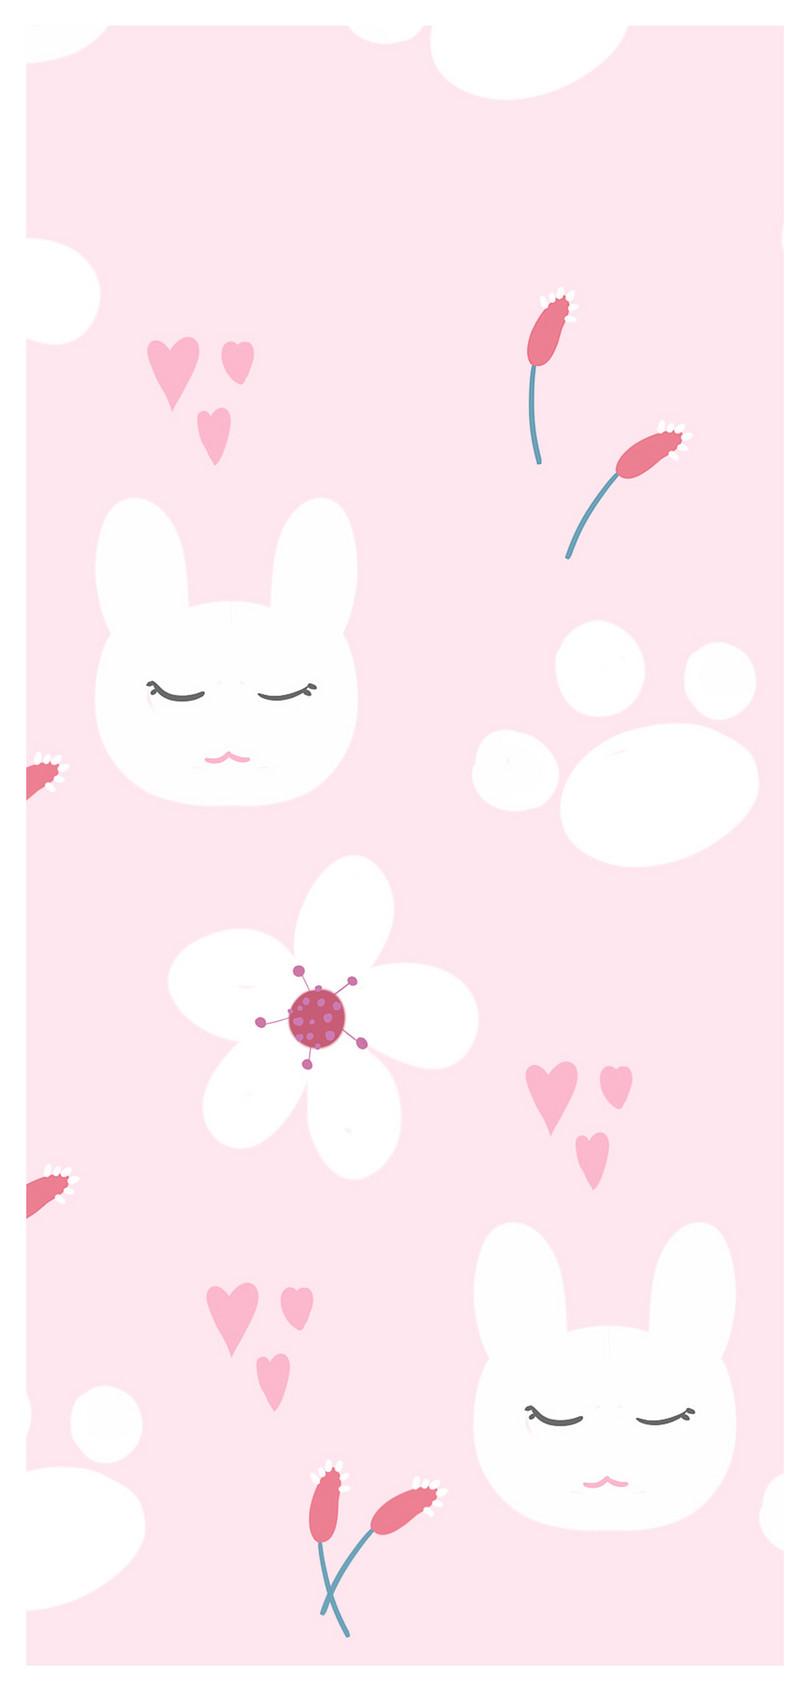 Kartun Bunny Kertas Dinding Mudah Alih Gambar Unduh